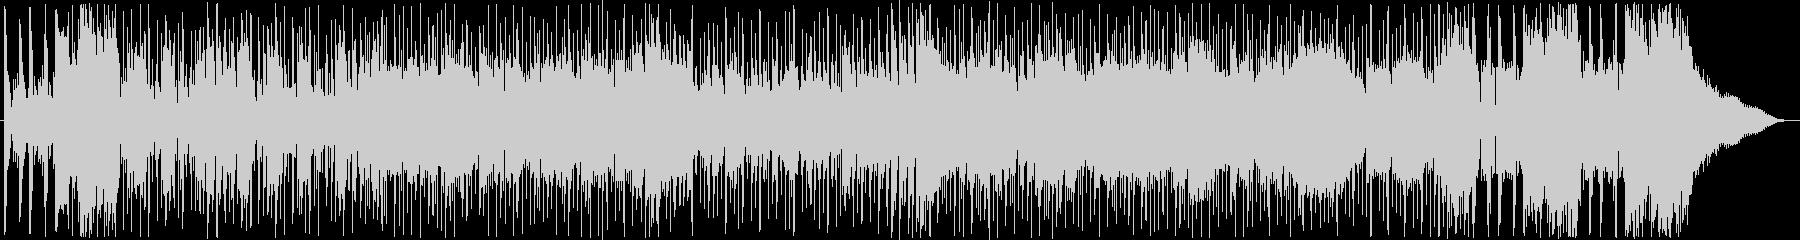 メロディアスでさわやかなシンセポップの未再生の波形